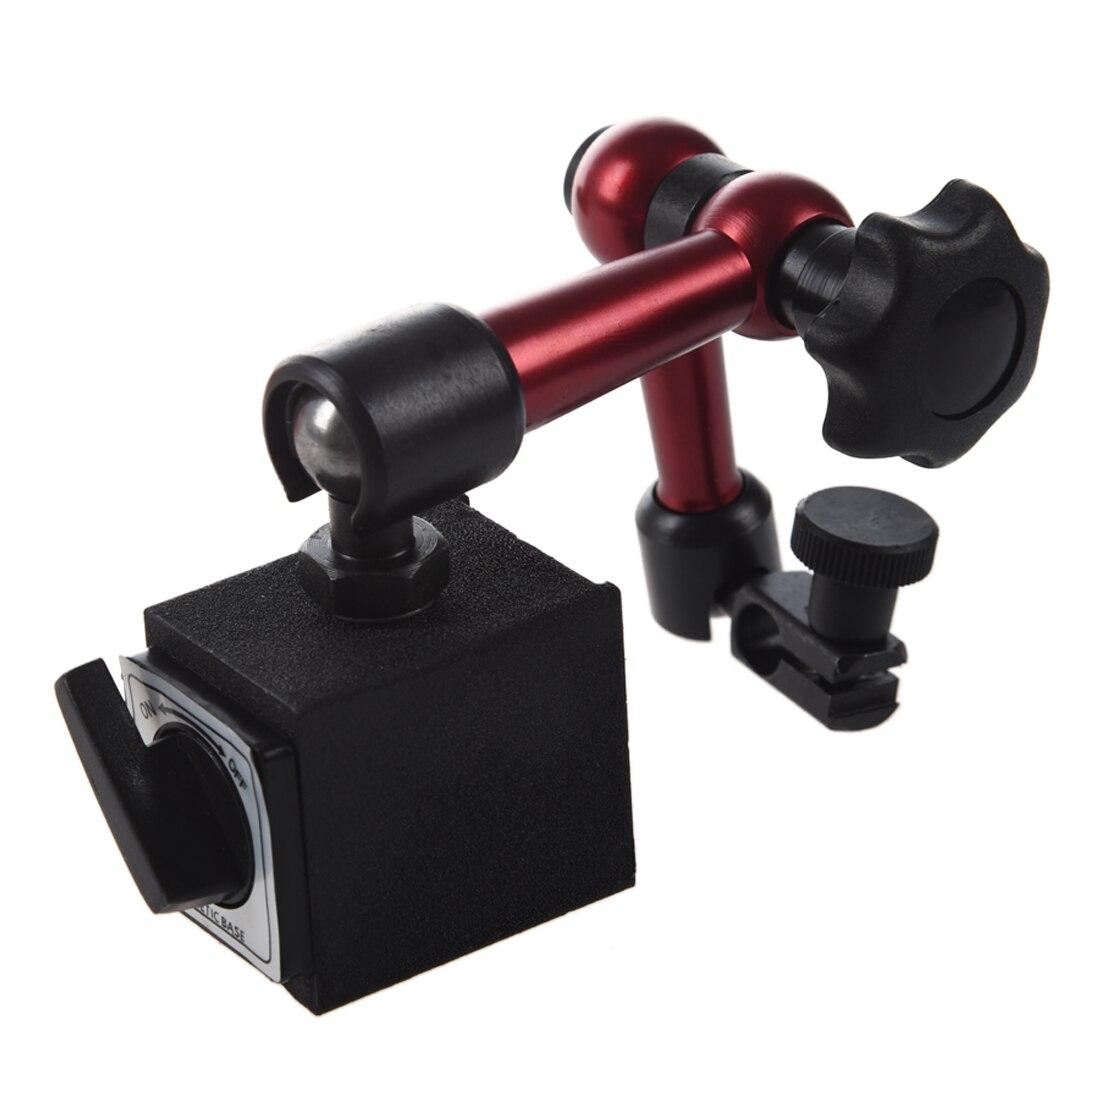 Adjustable Magnetic Gauge Stand Base Holder Digital Level Dial Test Indicator